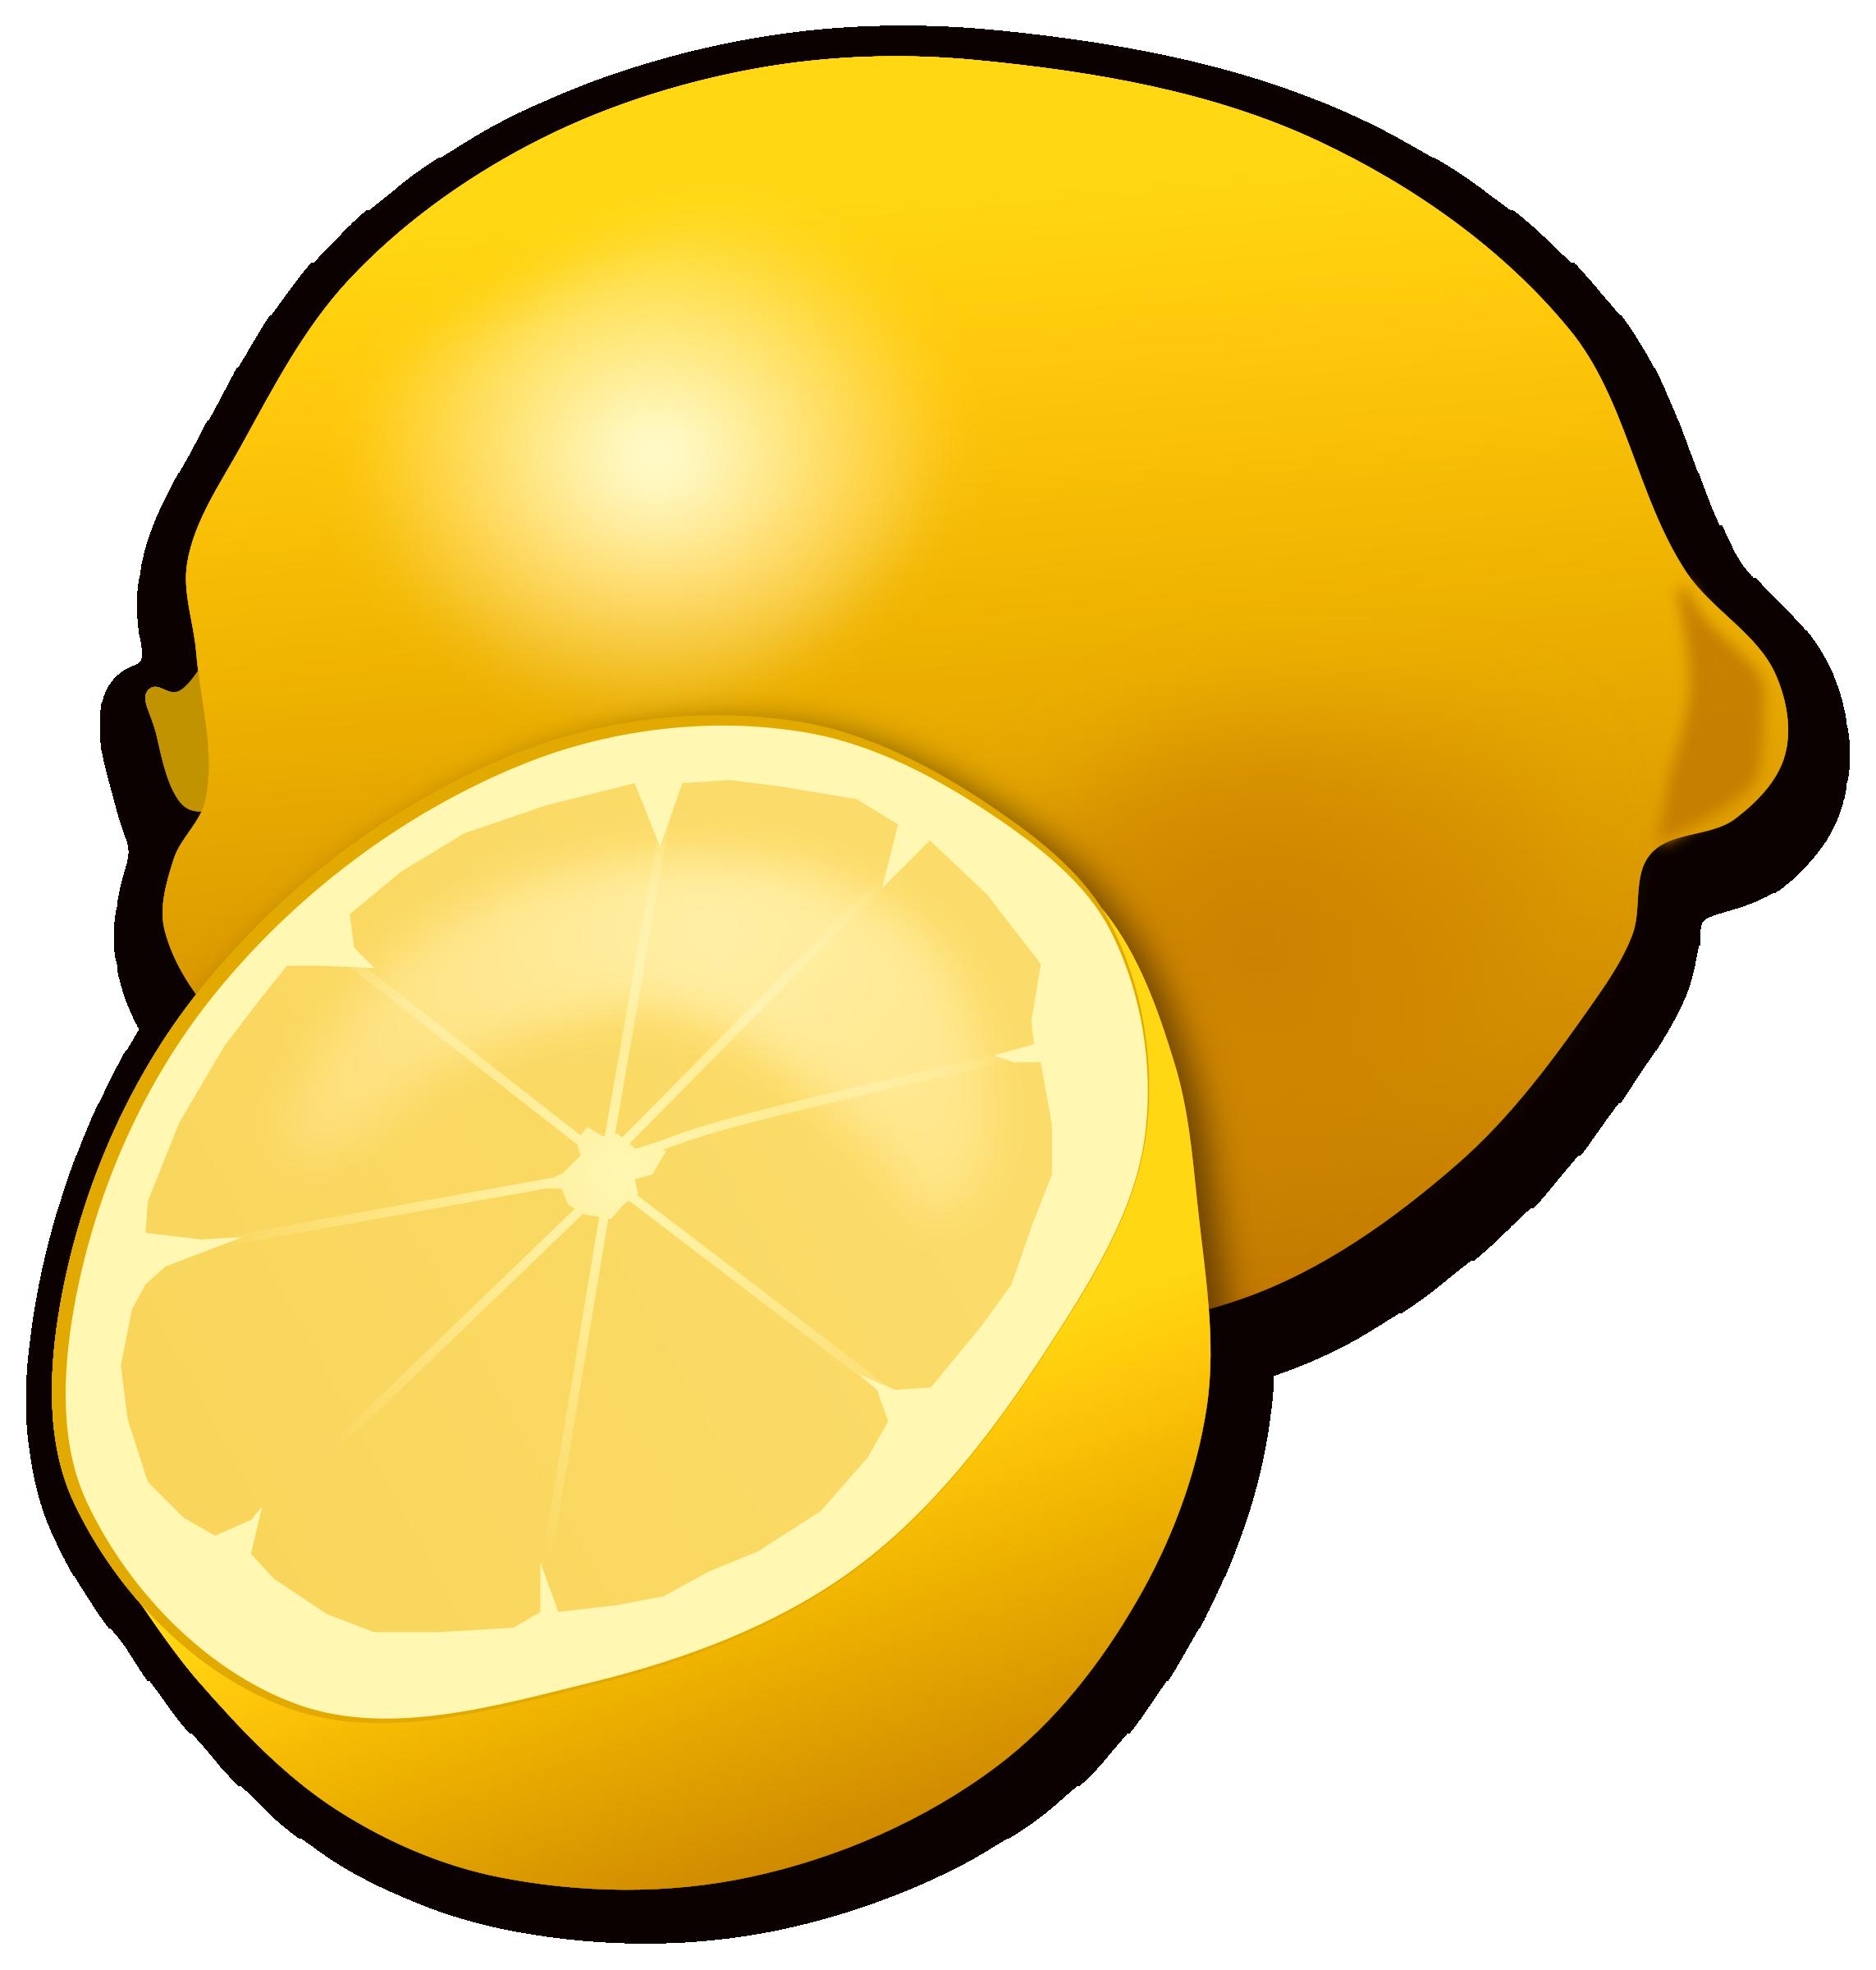 lemons clipart file #123863796